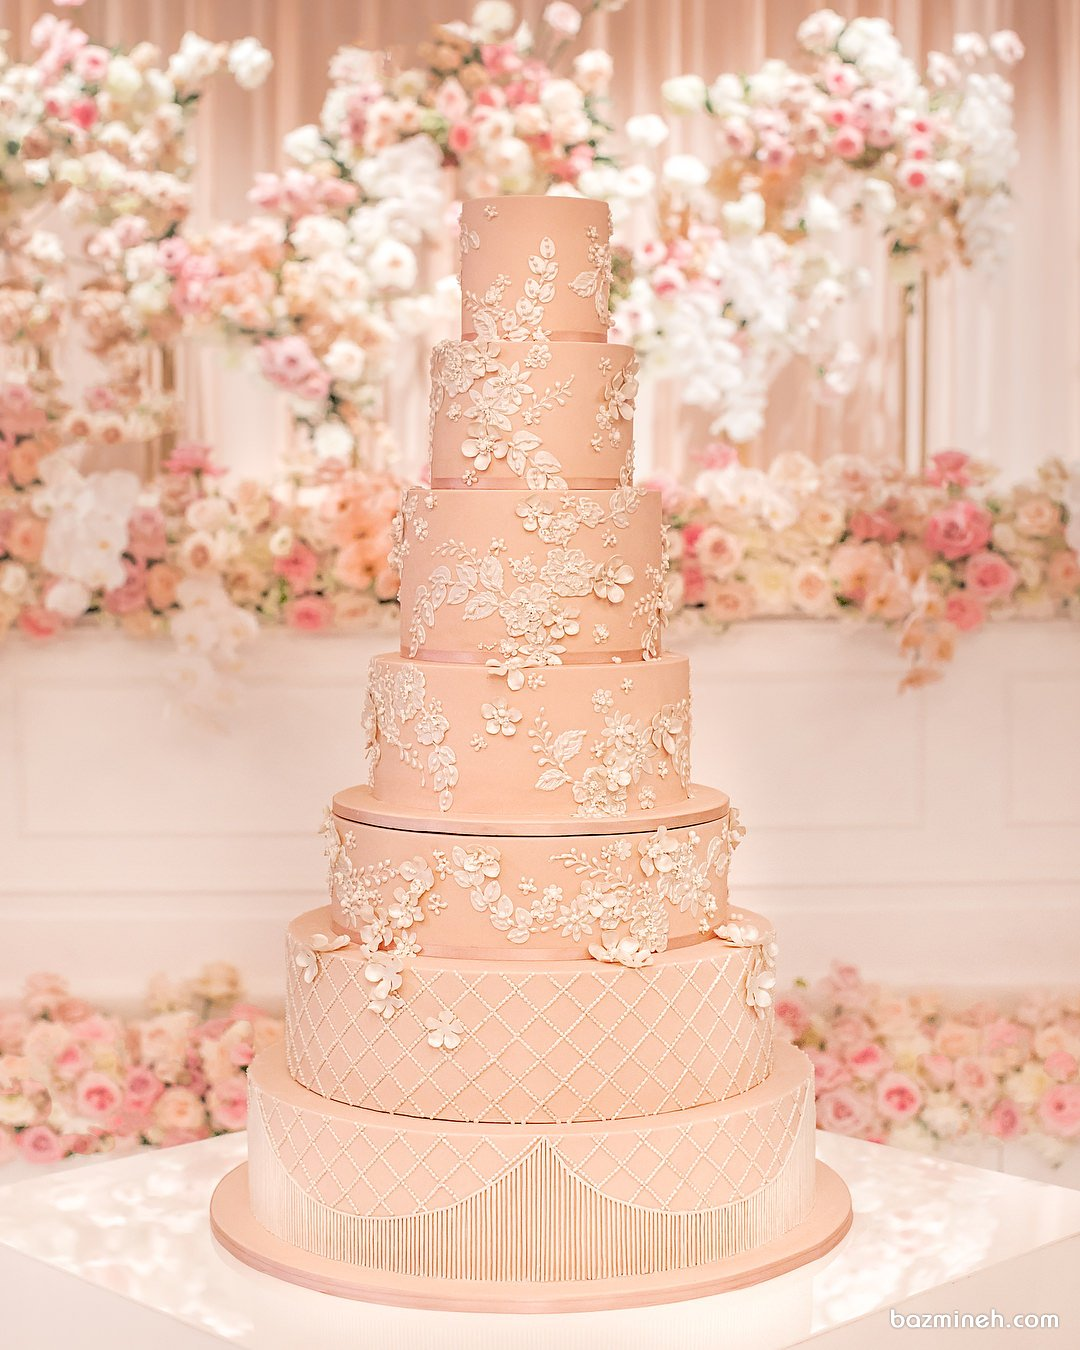 کیک چند طبقه جشن نامزدی یا عروسی با تم گلبهی تزیین شده با گل های برجسته